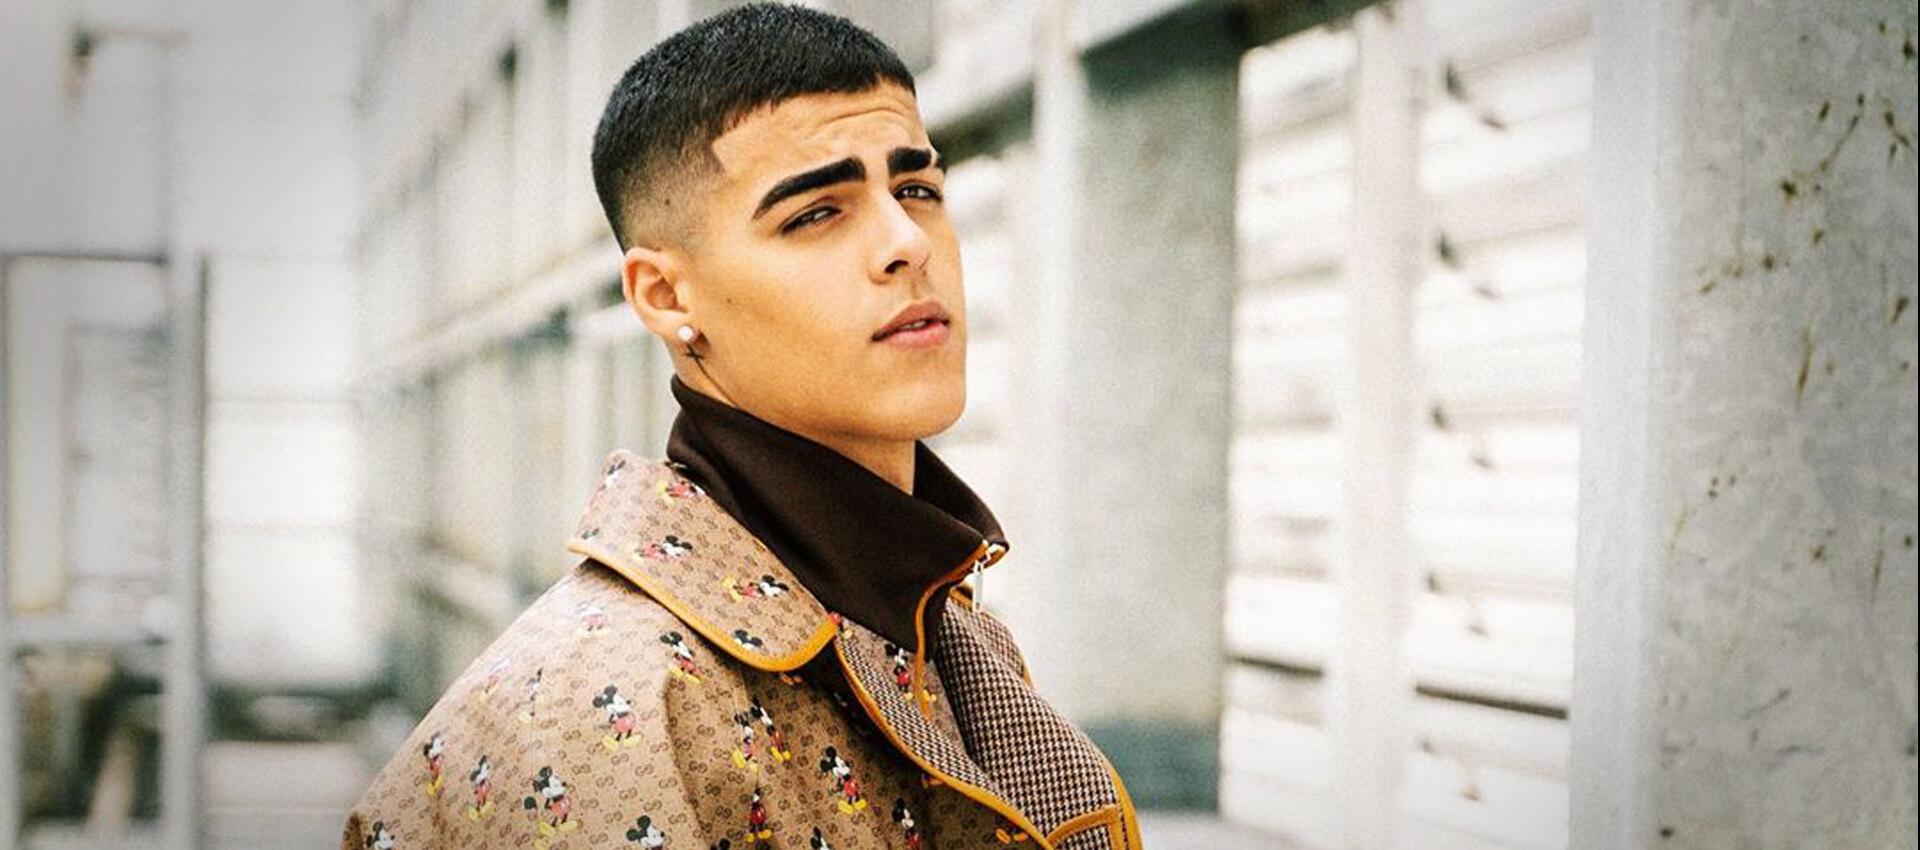 La Moda Urbana, el Otro Negocio del Reggaetón